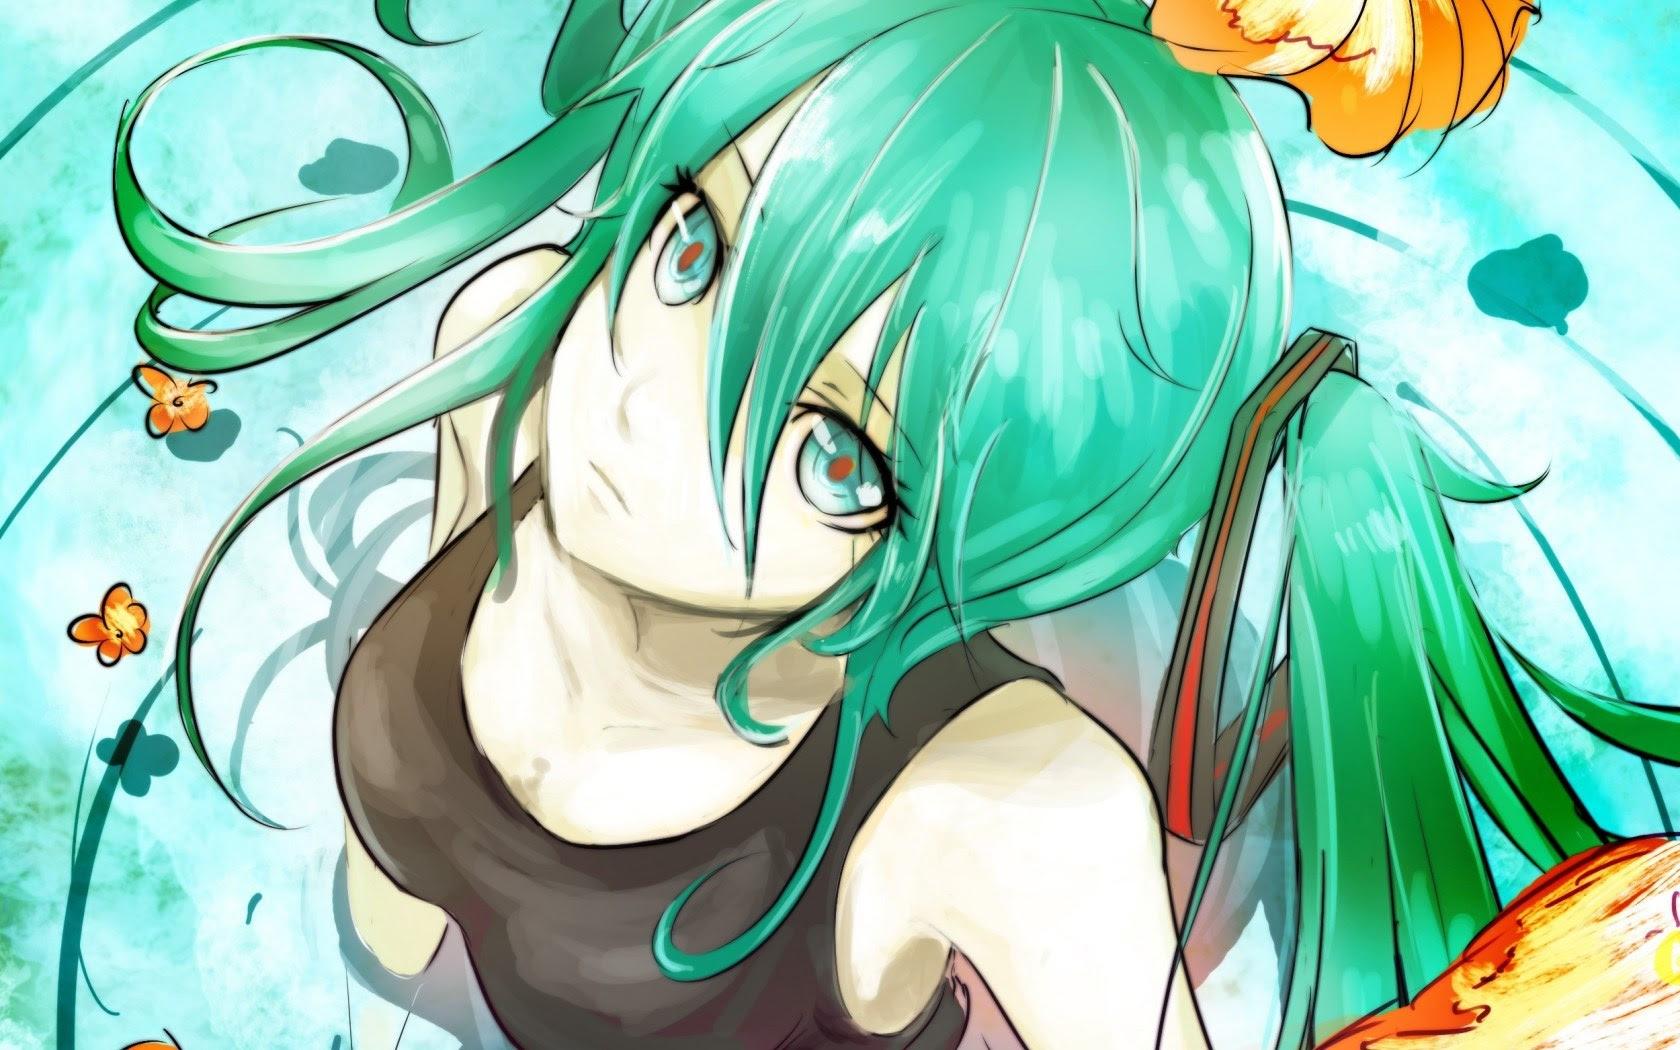 Unduh 4000 Wallpaper Anime Verde Hd  Terbaik